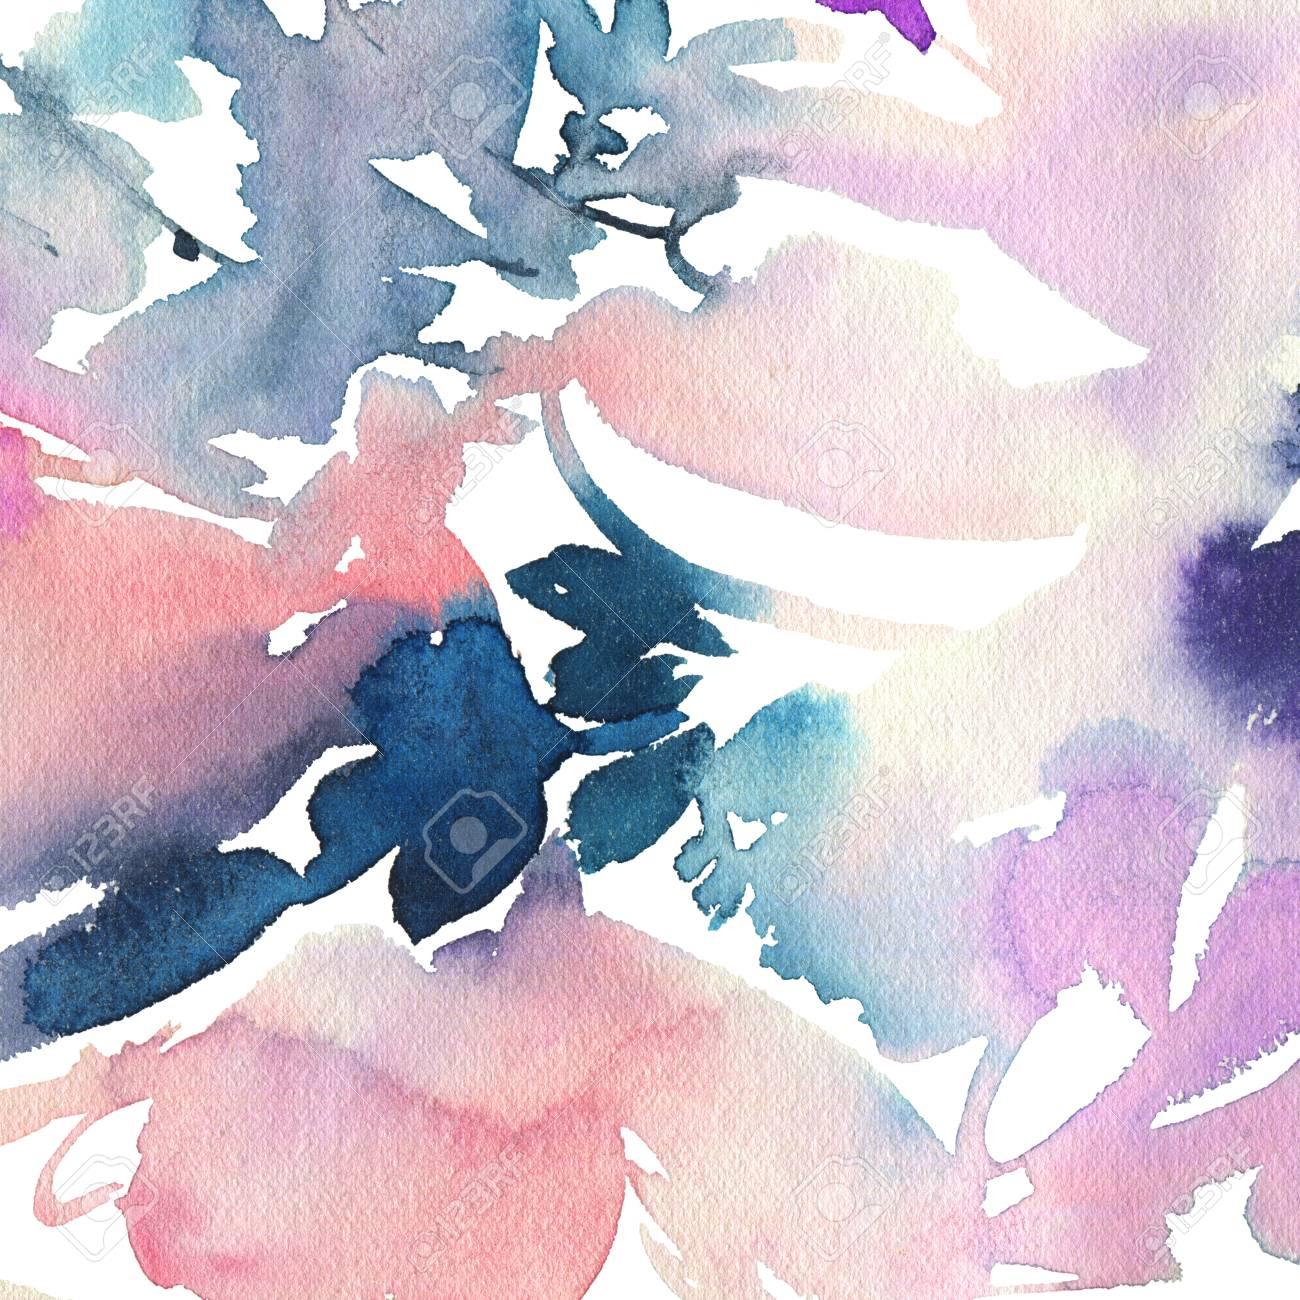 Abstrait Arriere Plan Pour Une Carte La Peinture A L Aquarelle Fait Main Peindre Les Taches Gamma Froid Banque D Images Et Photos Libres De Droits Image 51843065